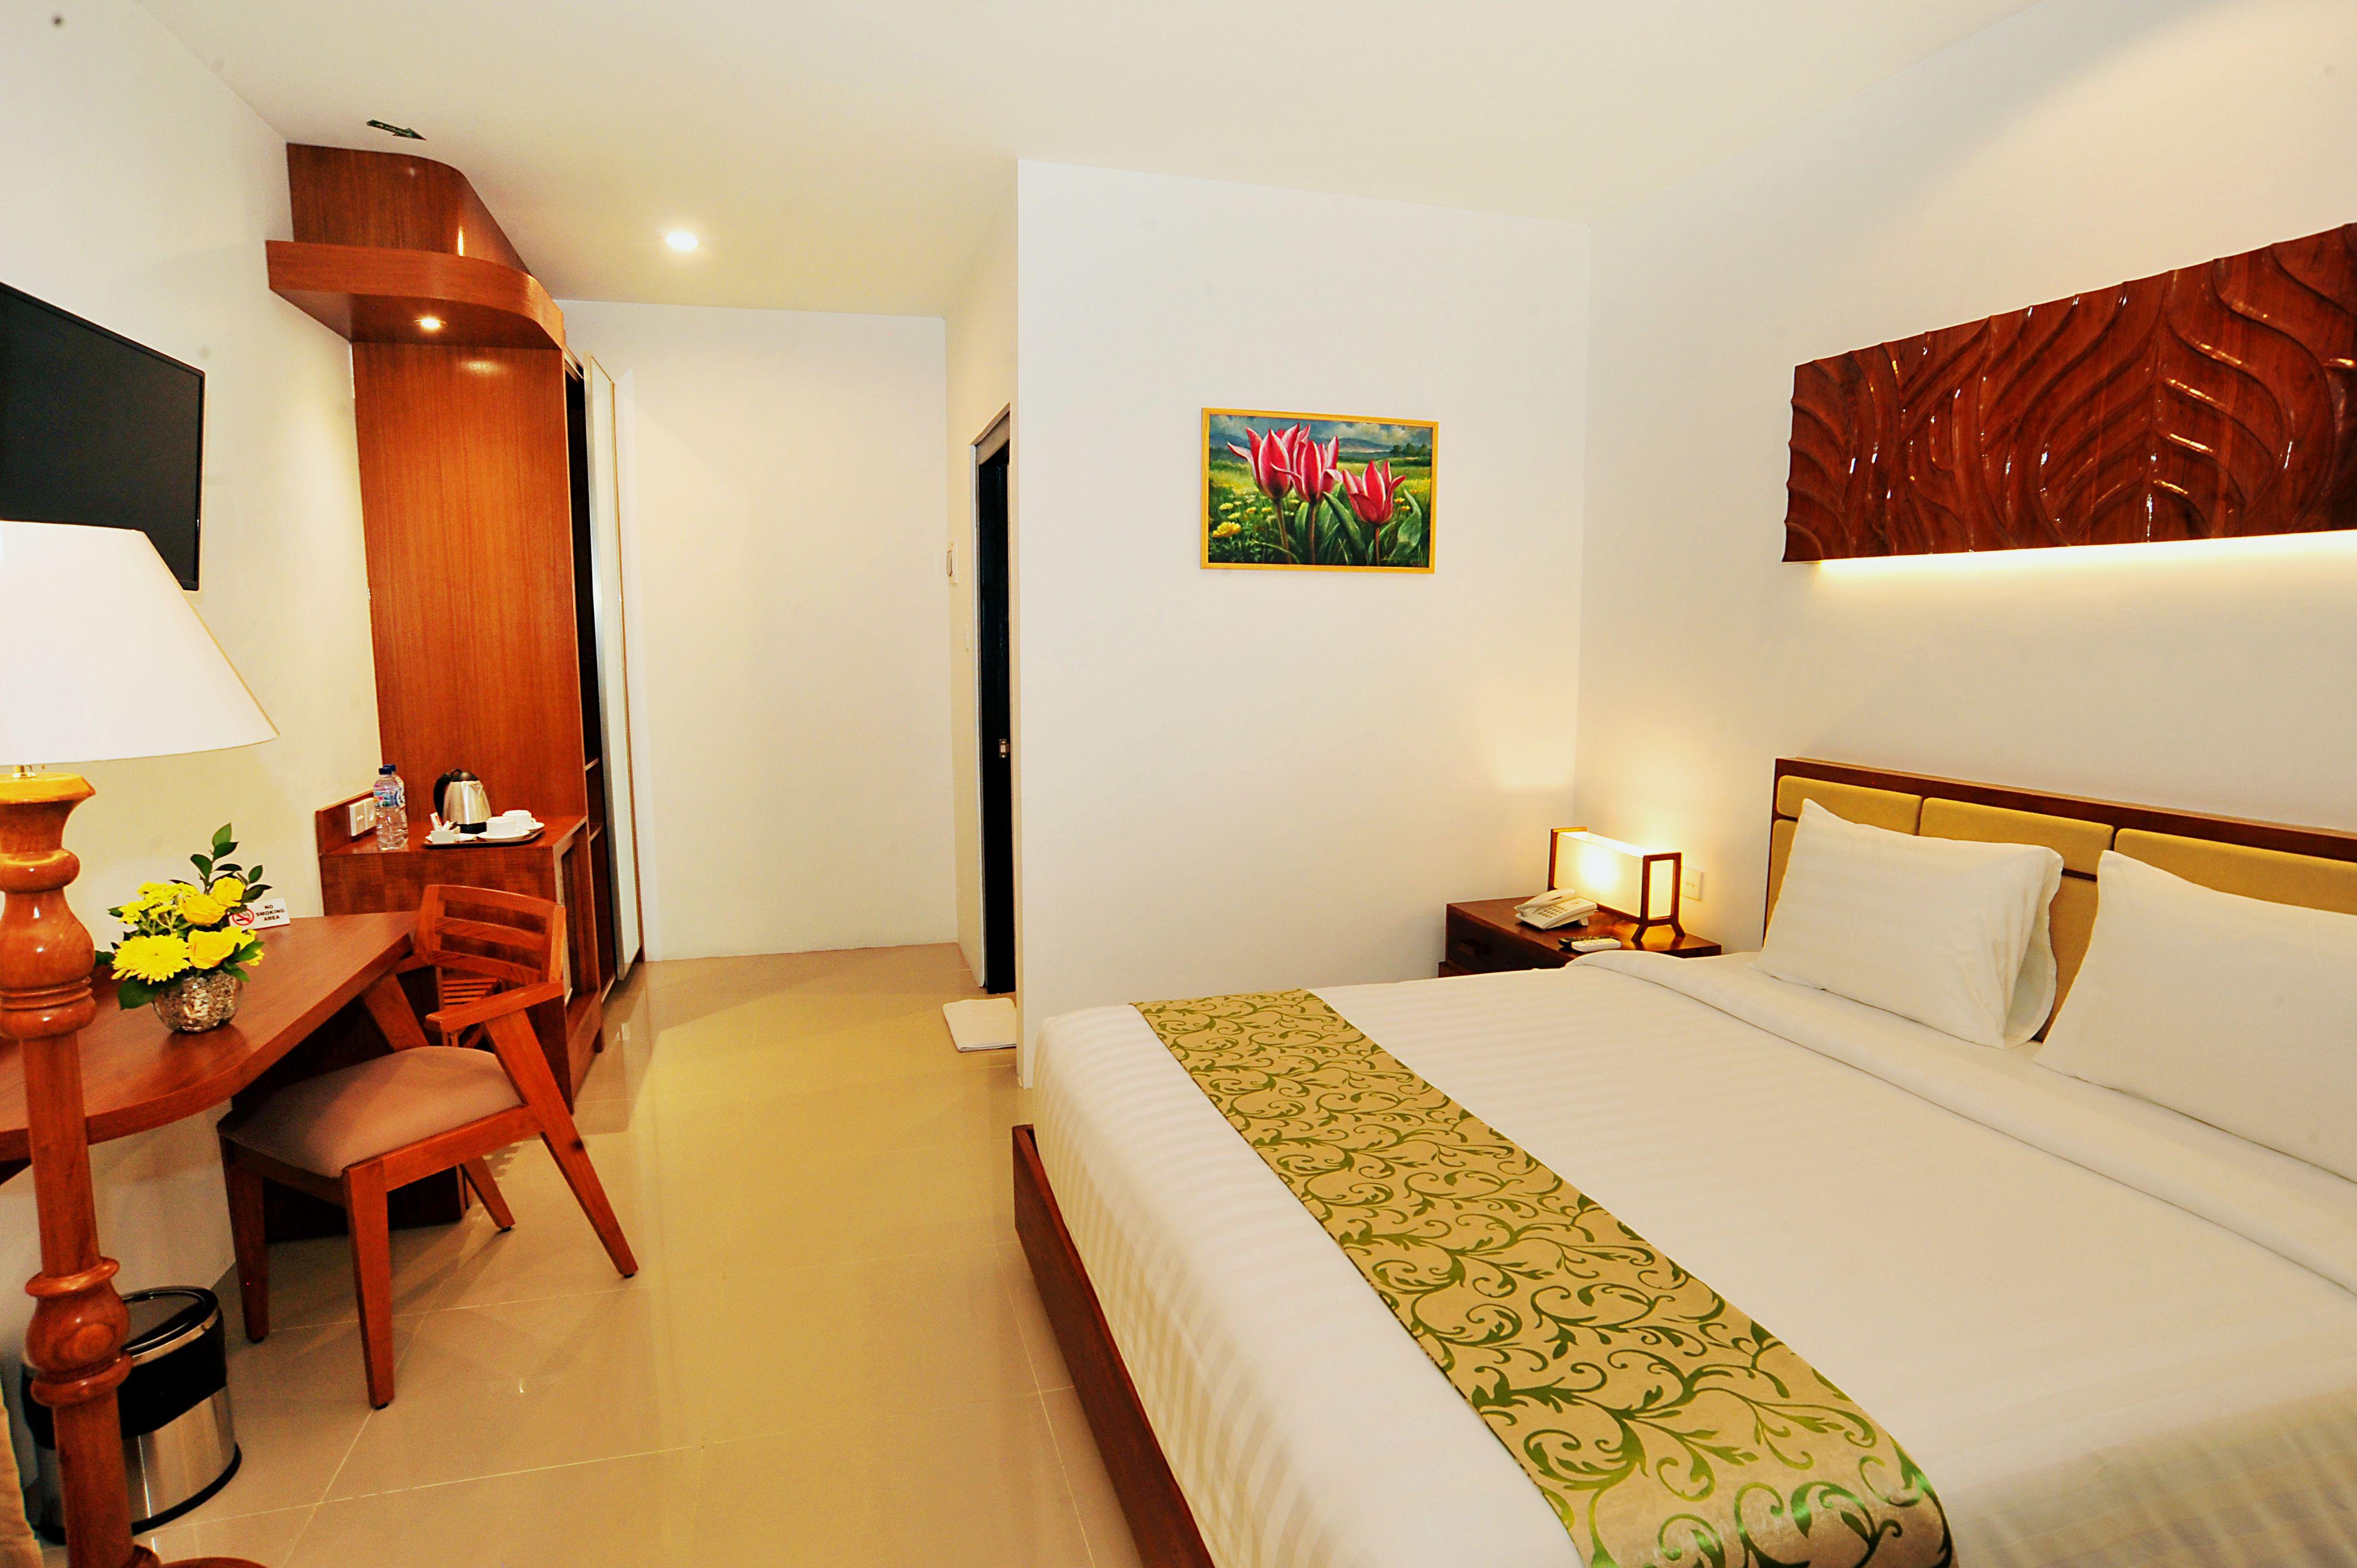 Hotel Kautaman Mataram